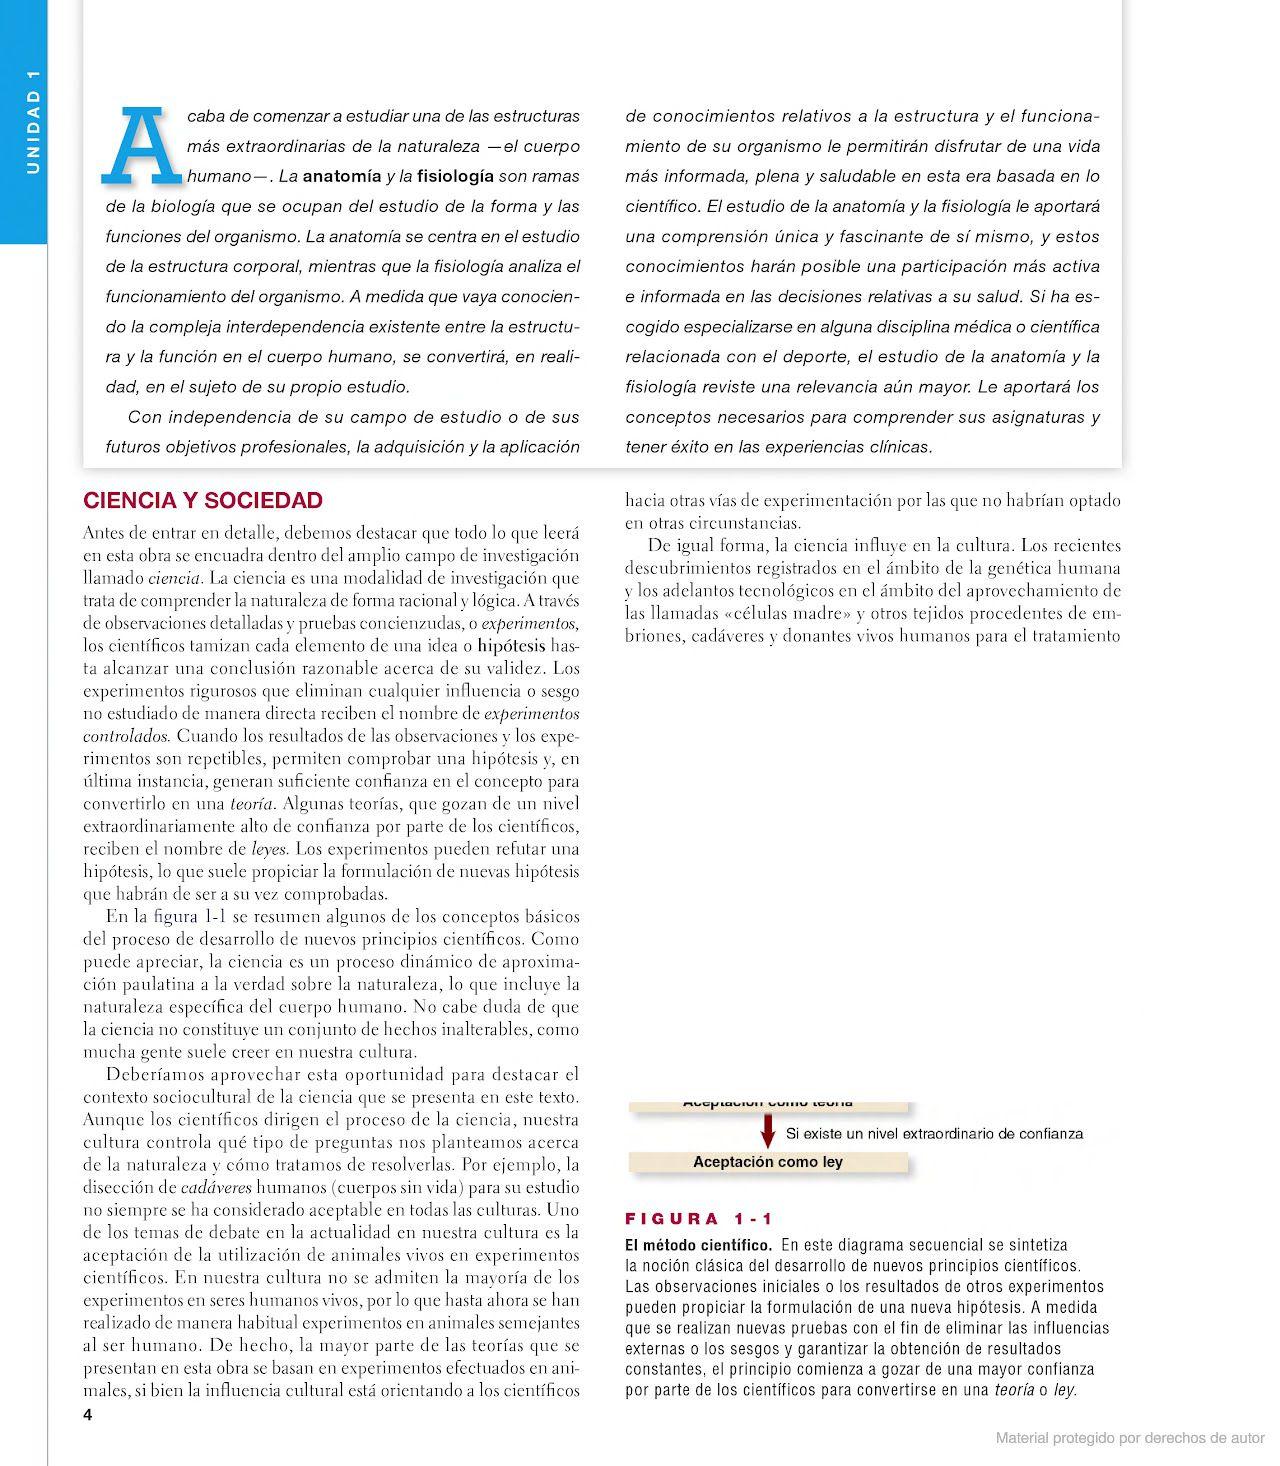 Anatomía y fisiología | anatomia | Pinterest | Fisiología y Anatomía